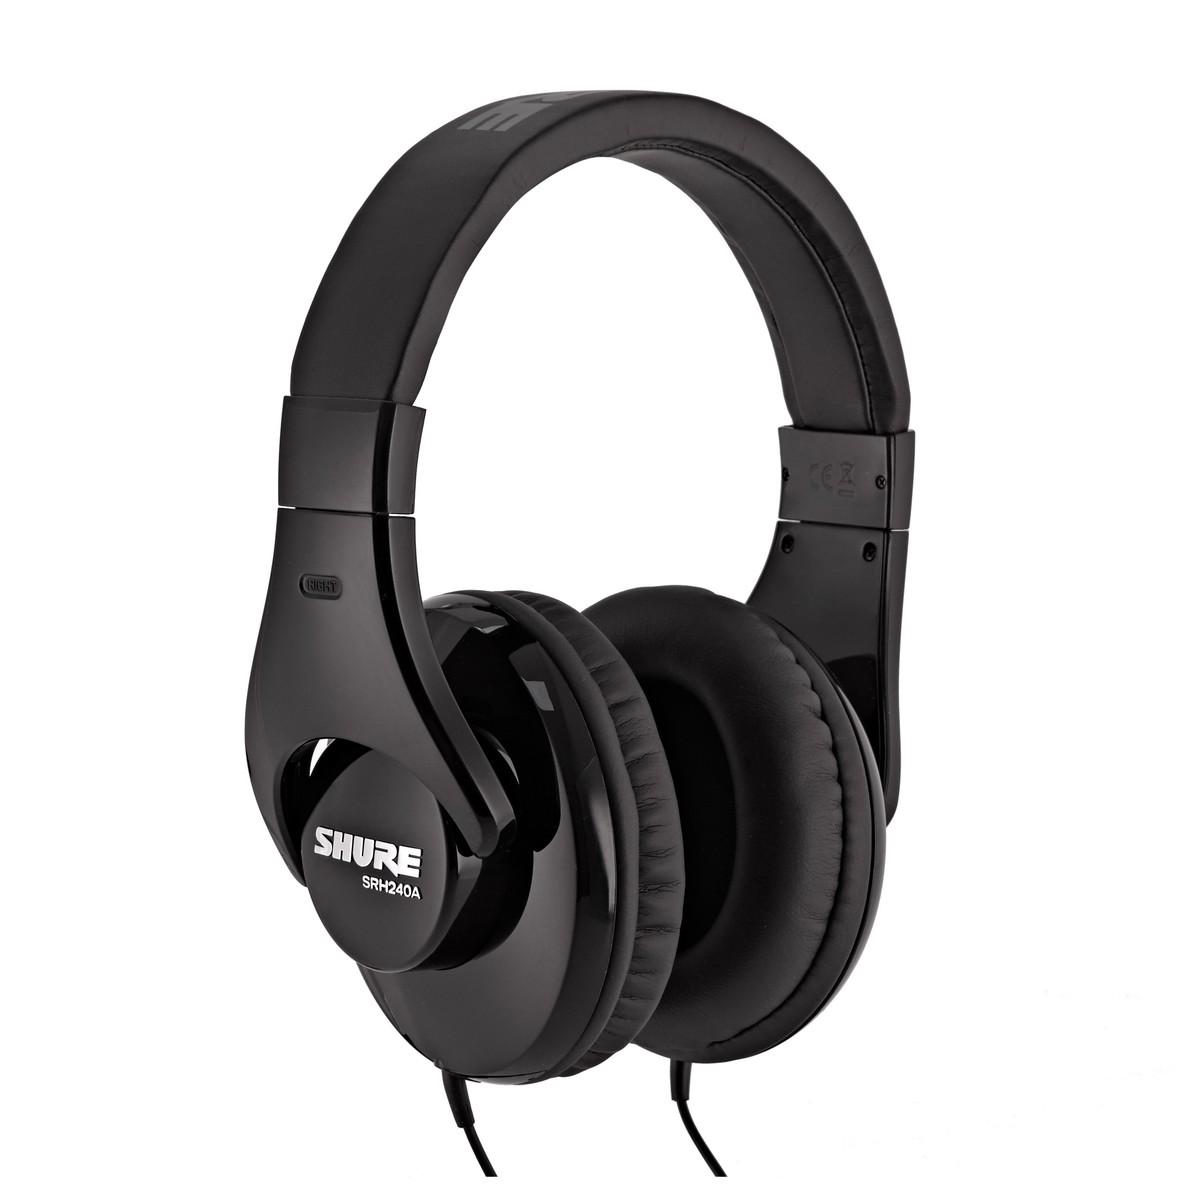 Shop now | Shure SRH240A Professional Headphones